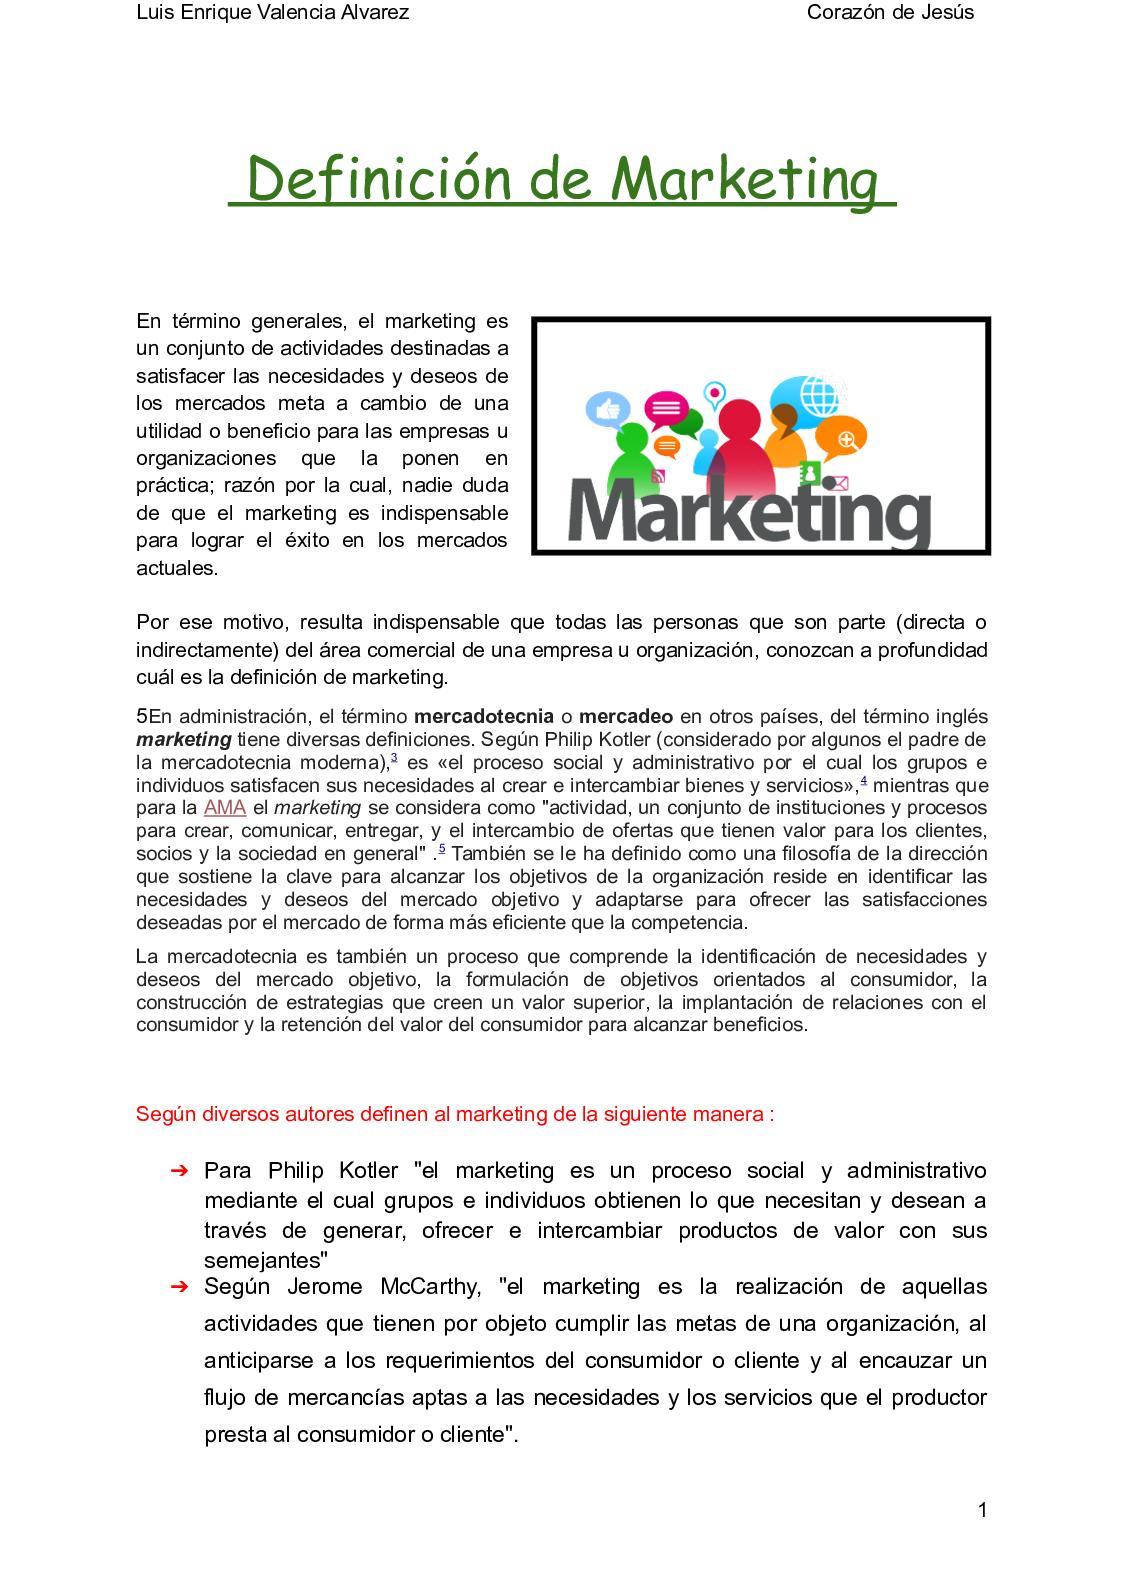 Definición De Marketing(1)